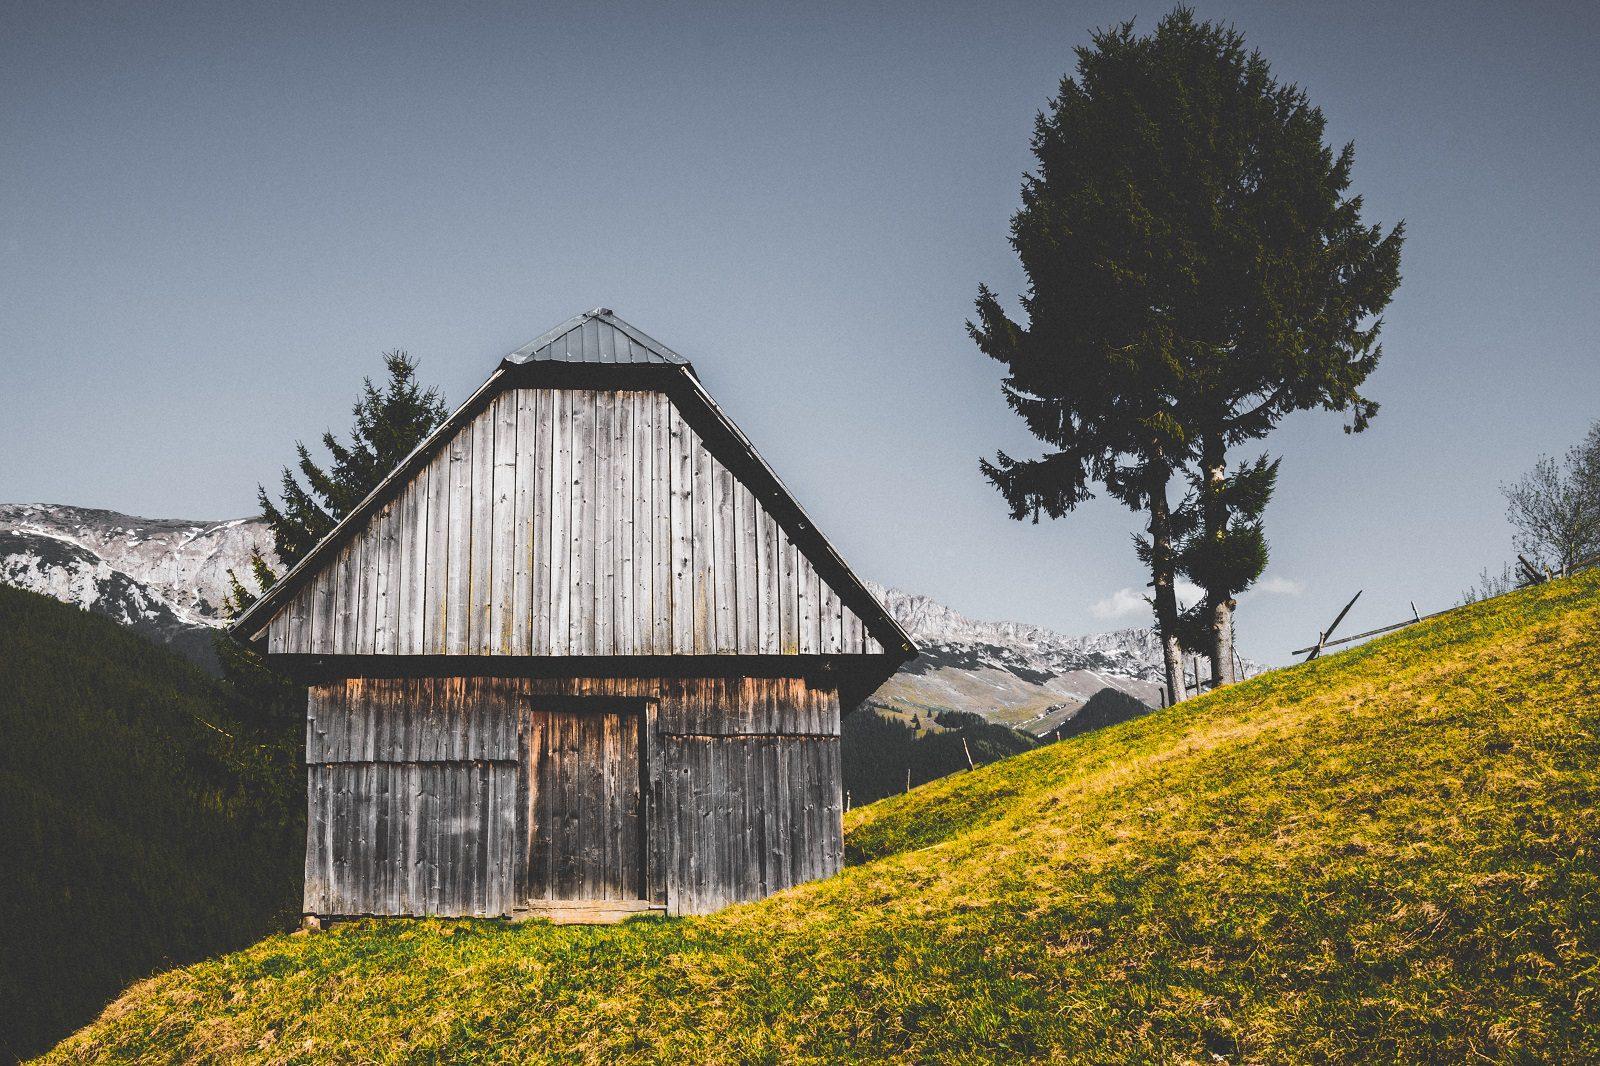 Barn @ Moeciu de sus Romania